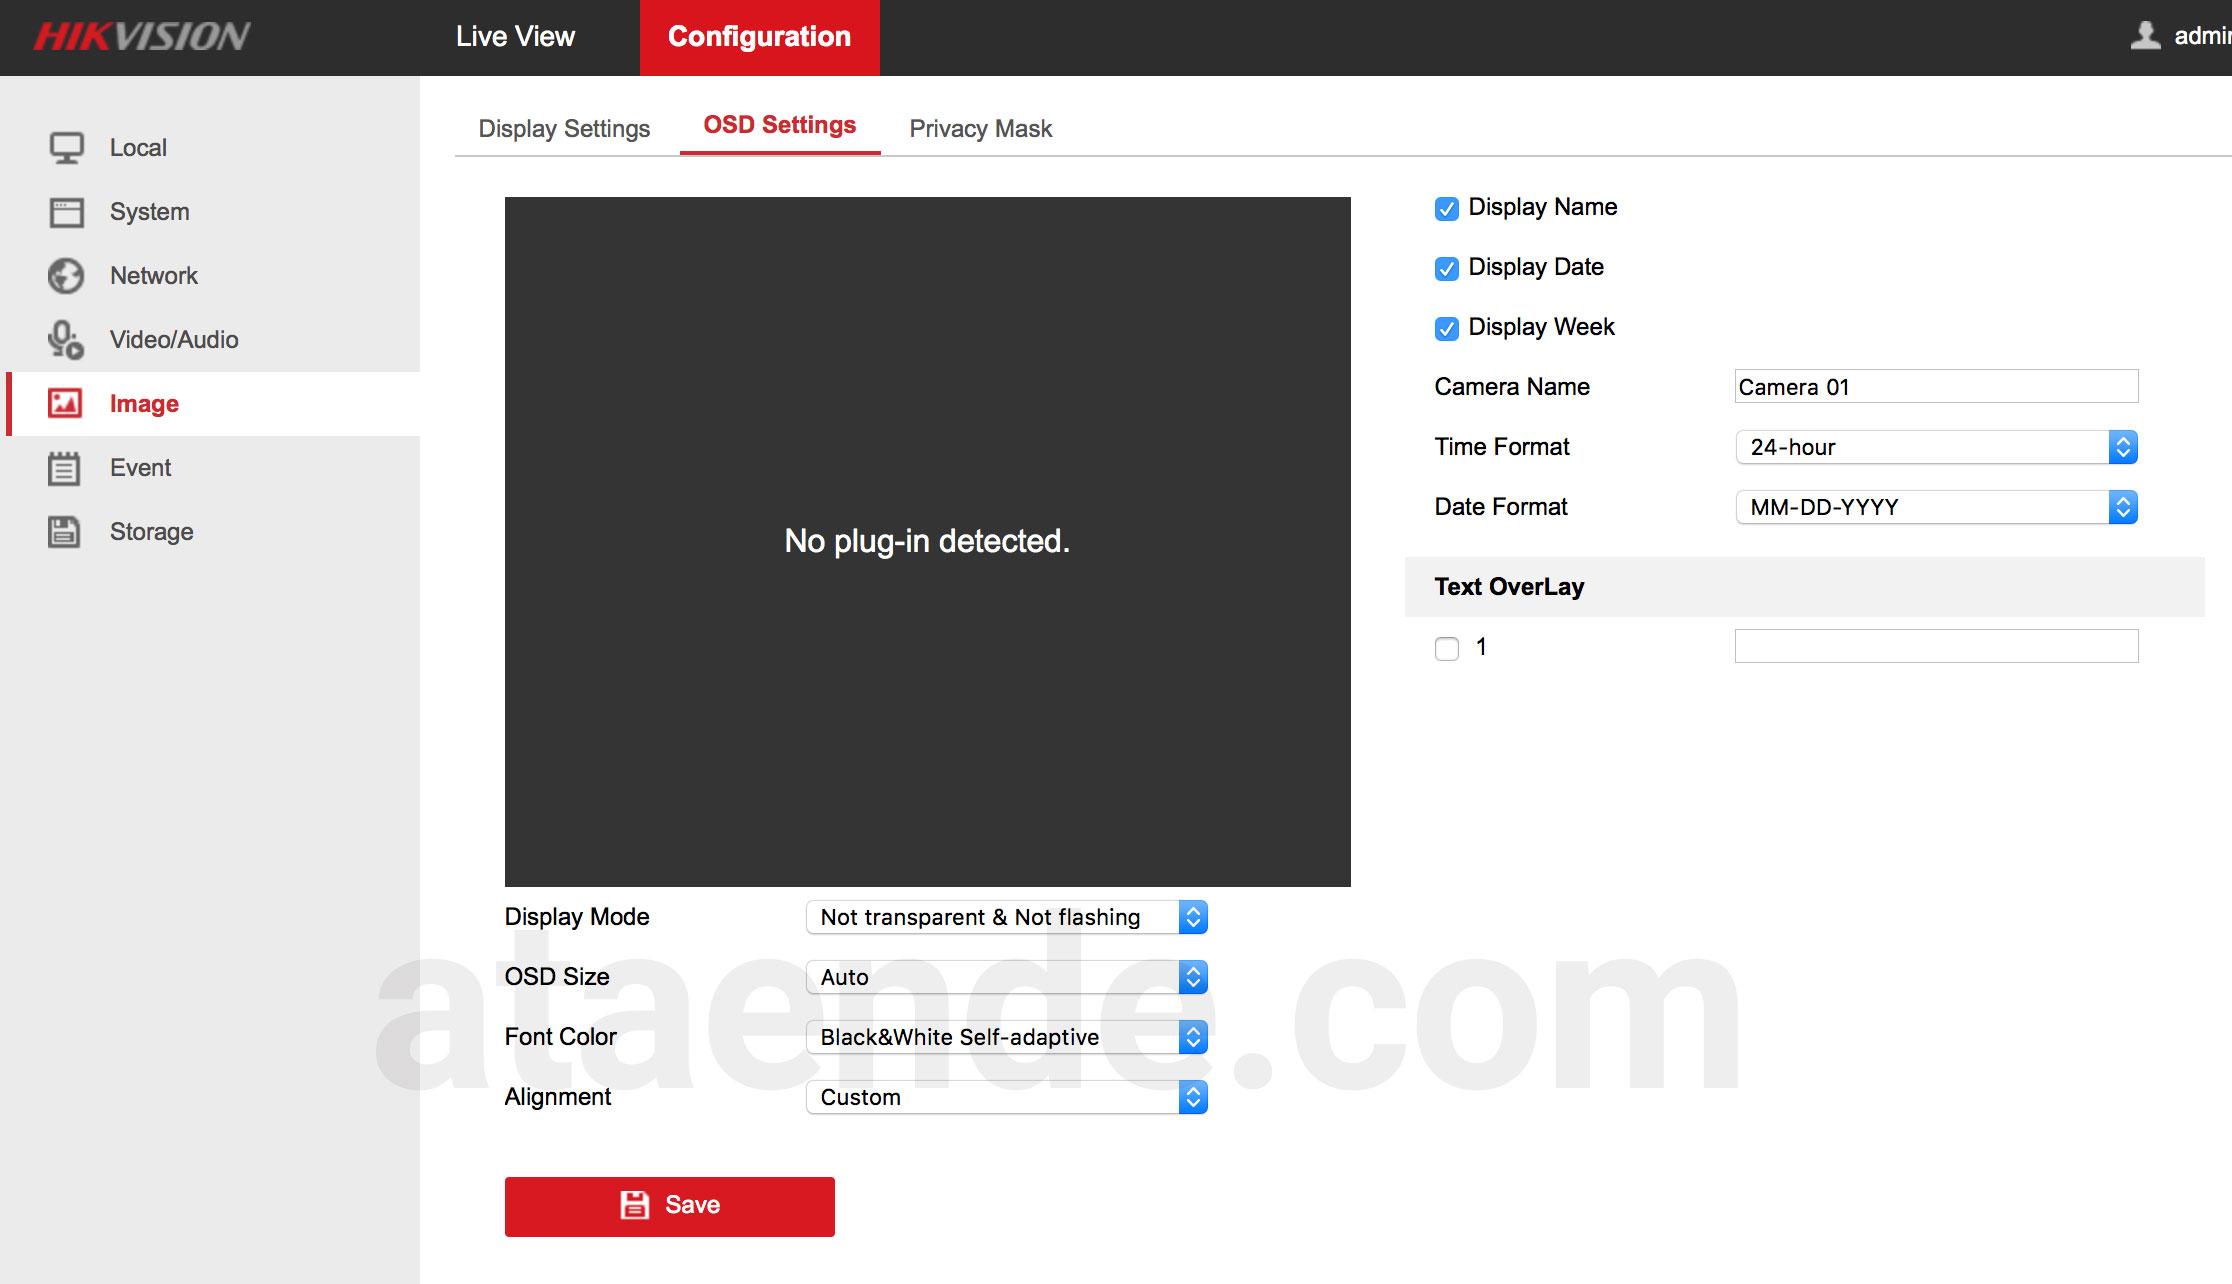 konfigurasi tampilan ip camera cctv hikvision